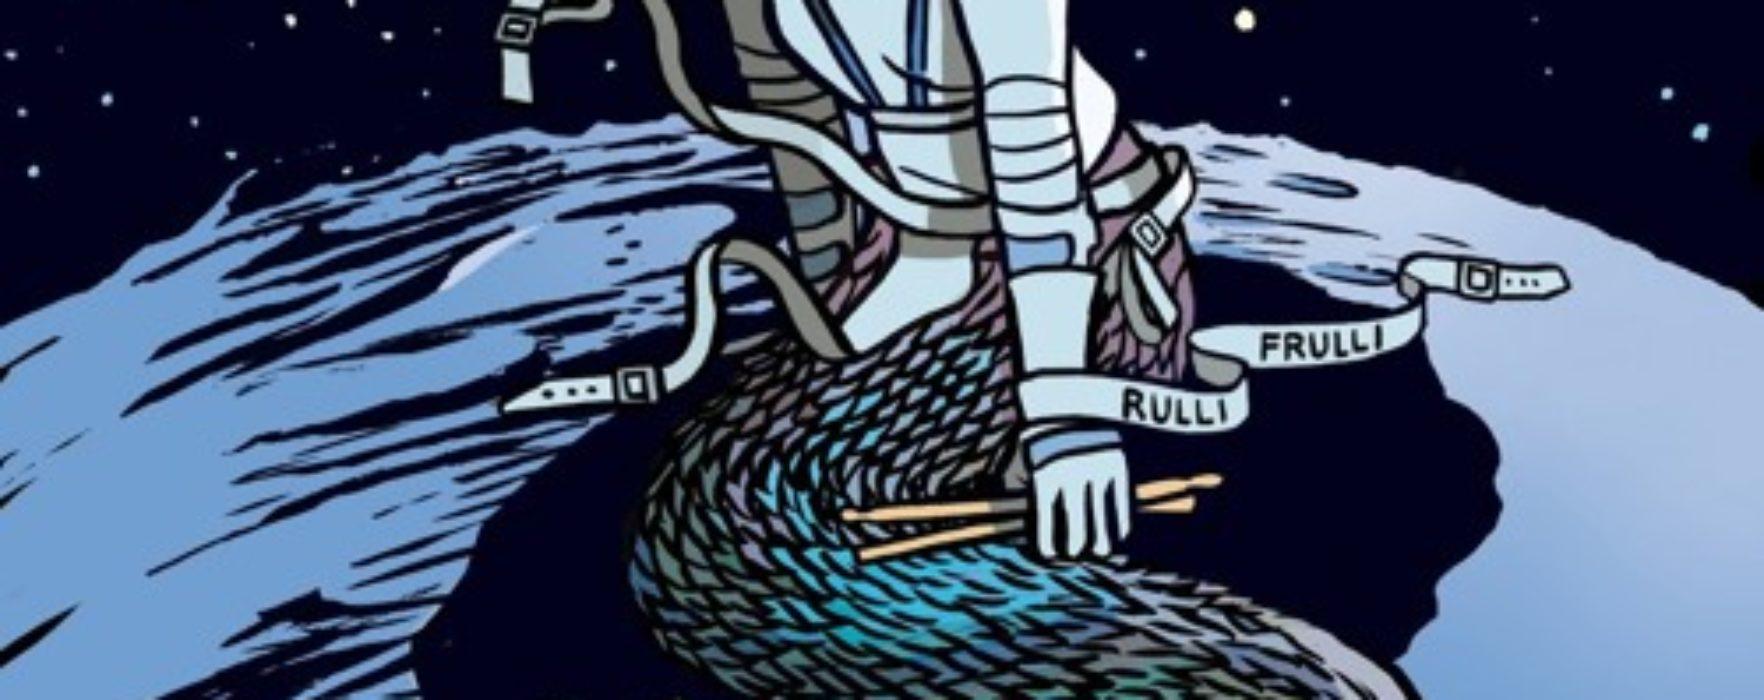 """Banda Rulli Frulli, """"Il Mare dalla Luna"""": la recensione"""